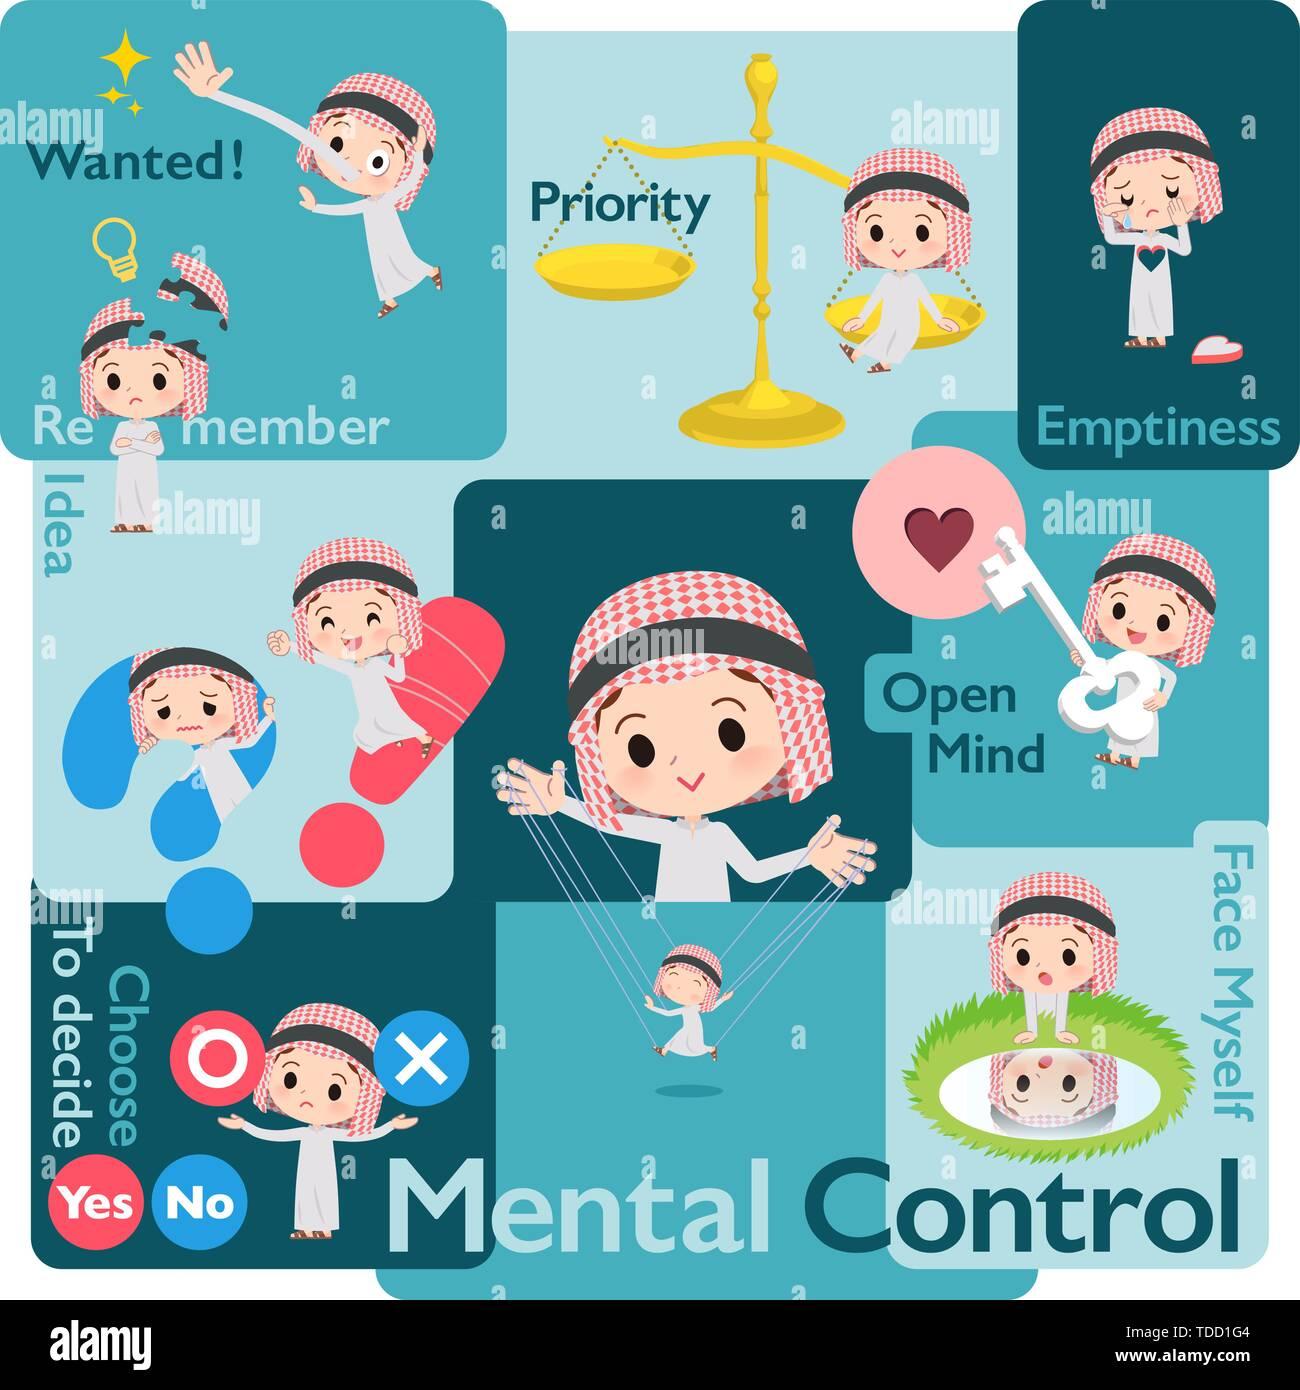 Eine Reihe von islamischen Junge, Emotionen steuern. Eine Vielzahl von Bild Abbildungen zum Ausdruck selbst Emotion. Es ist Vektor Kunst so ist es leicht zu bearbeiten. Stockbild